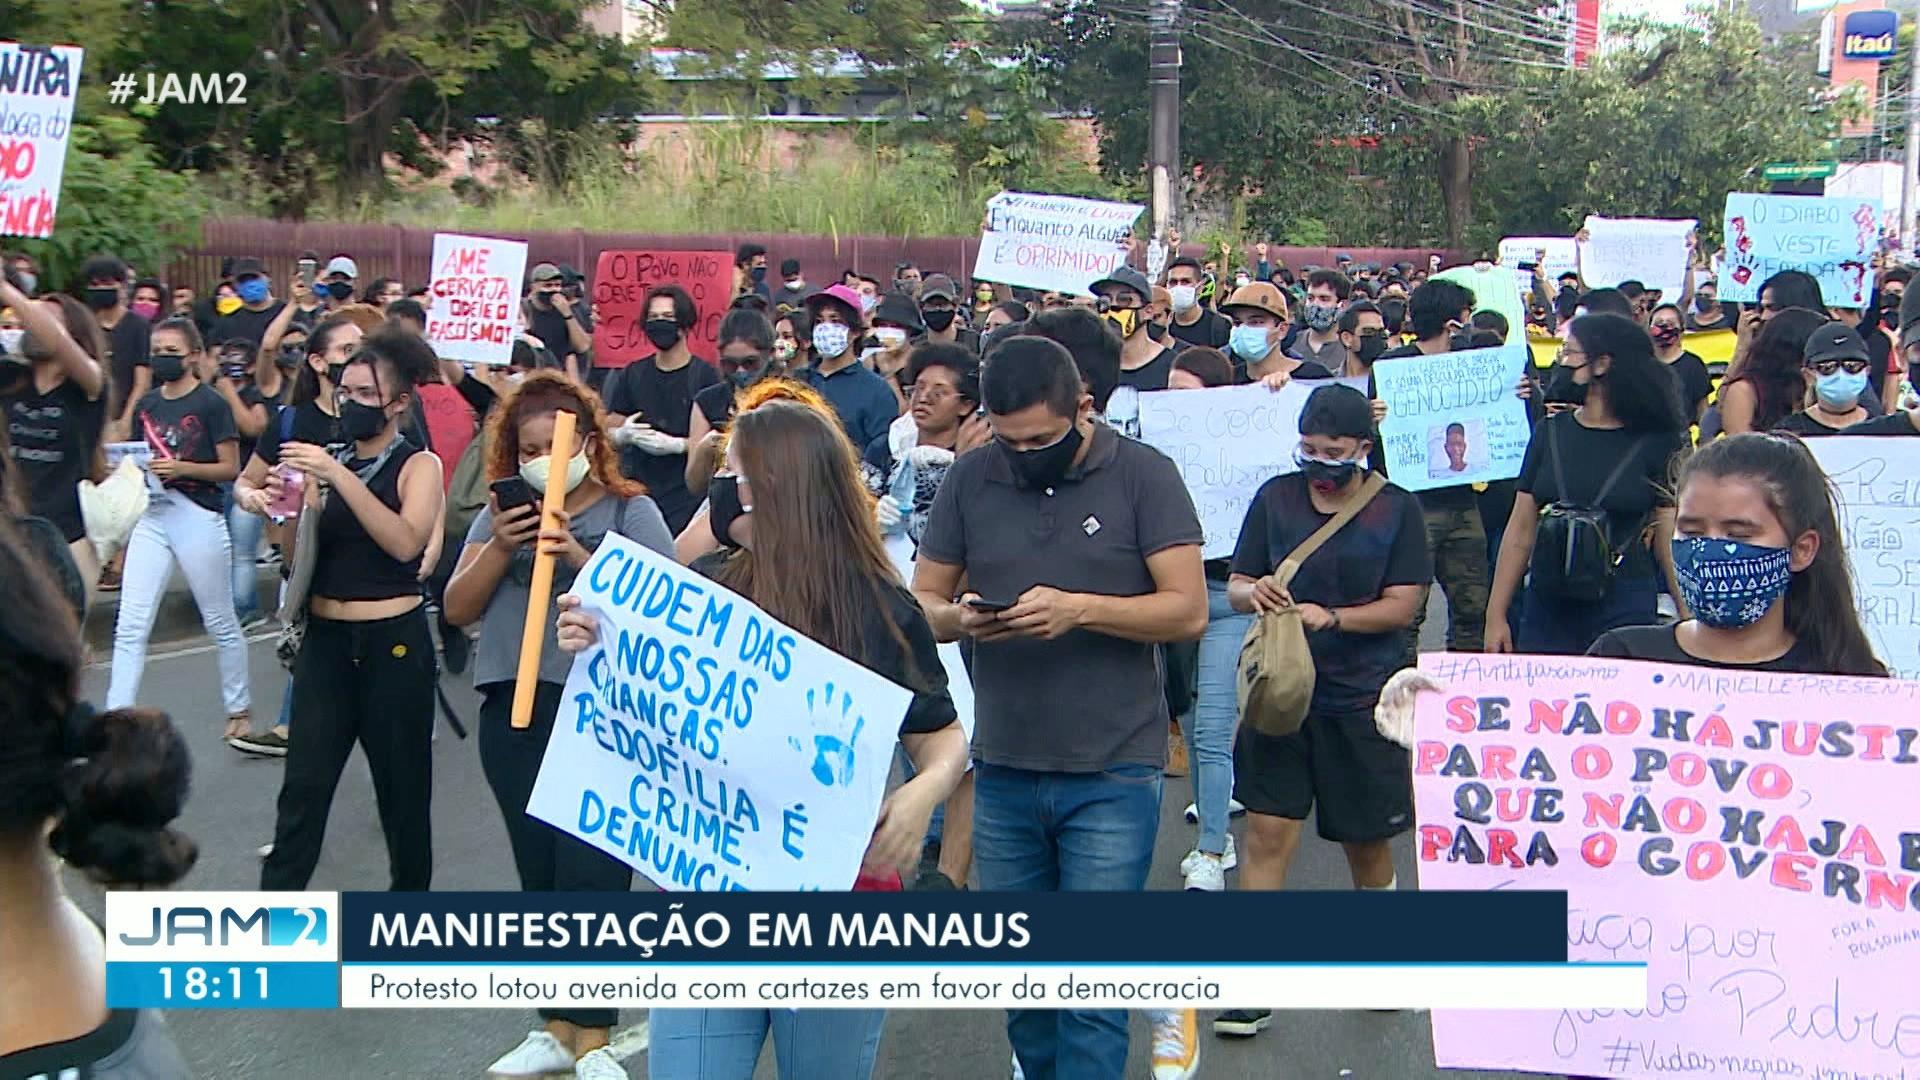 VÍDEOS: Protesto pró-democracia fecha avenida de Manaus; veja outros destaques do JAM 2